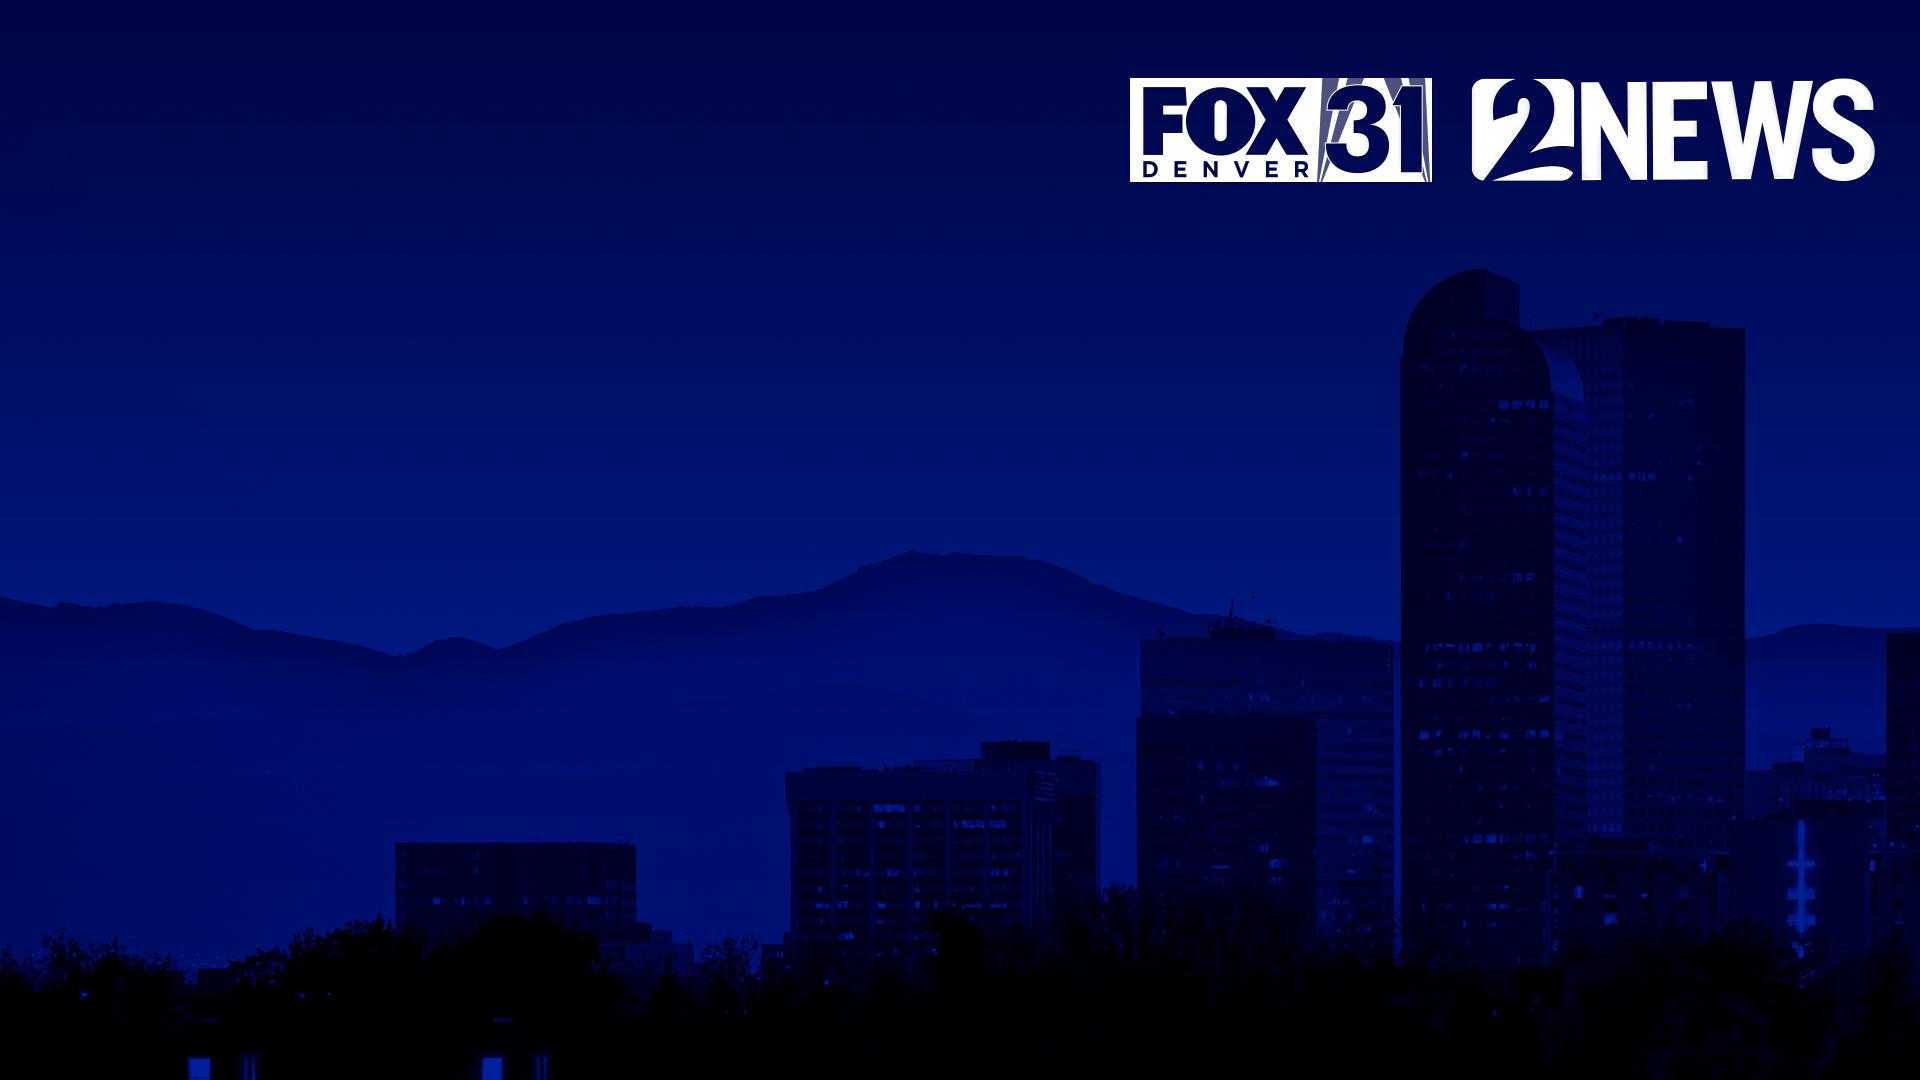 Fox31 denver weather